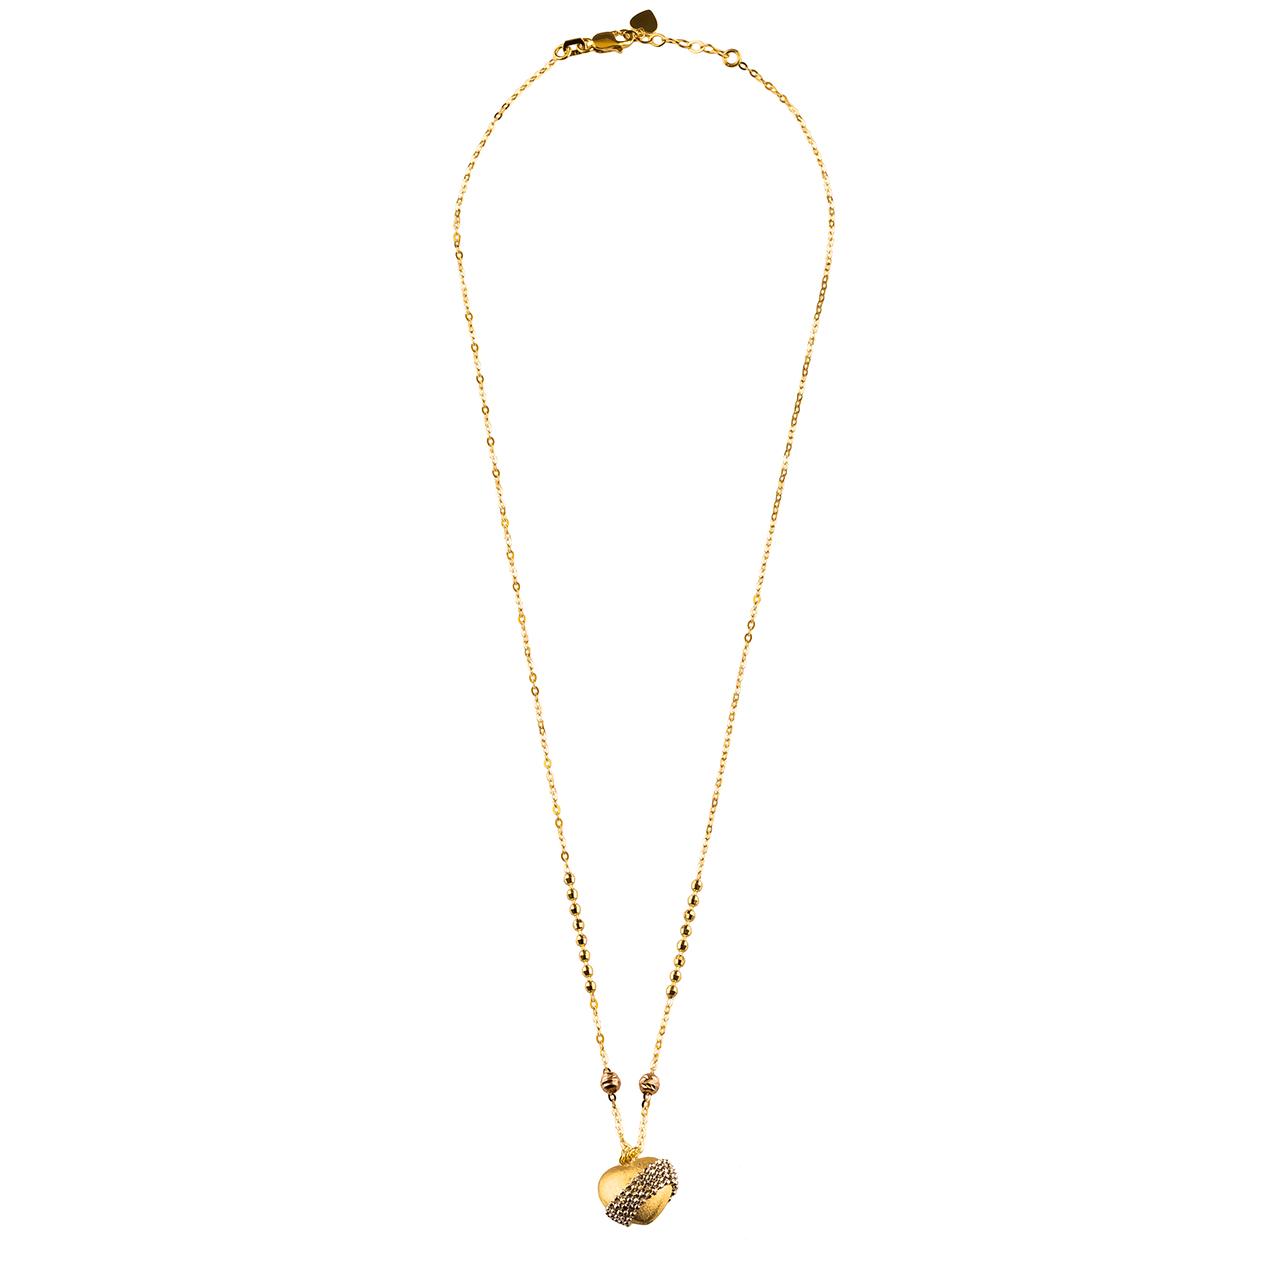 گردنبند طلا 18 عیار گالری طلا باران مدل قلب 2 رنگ